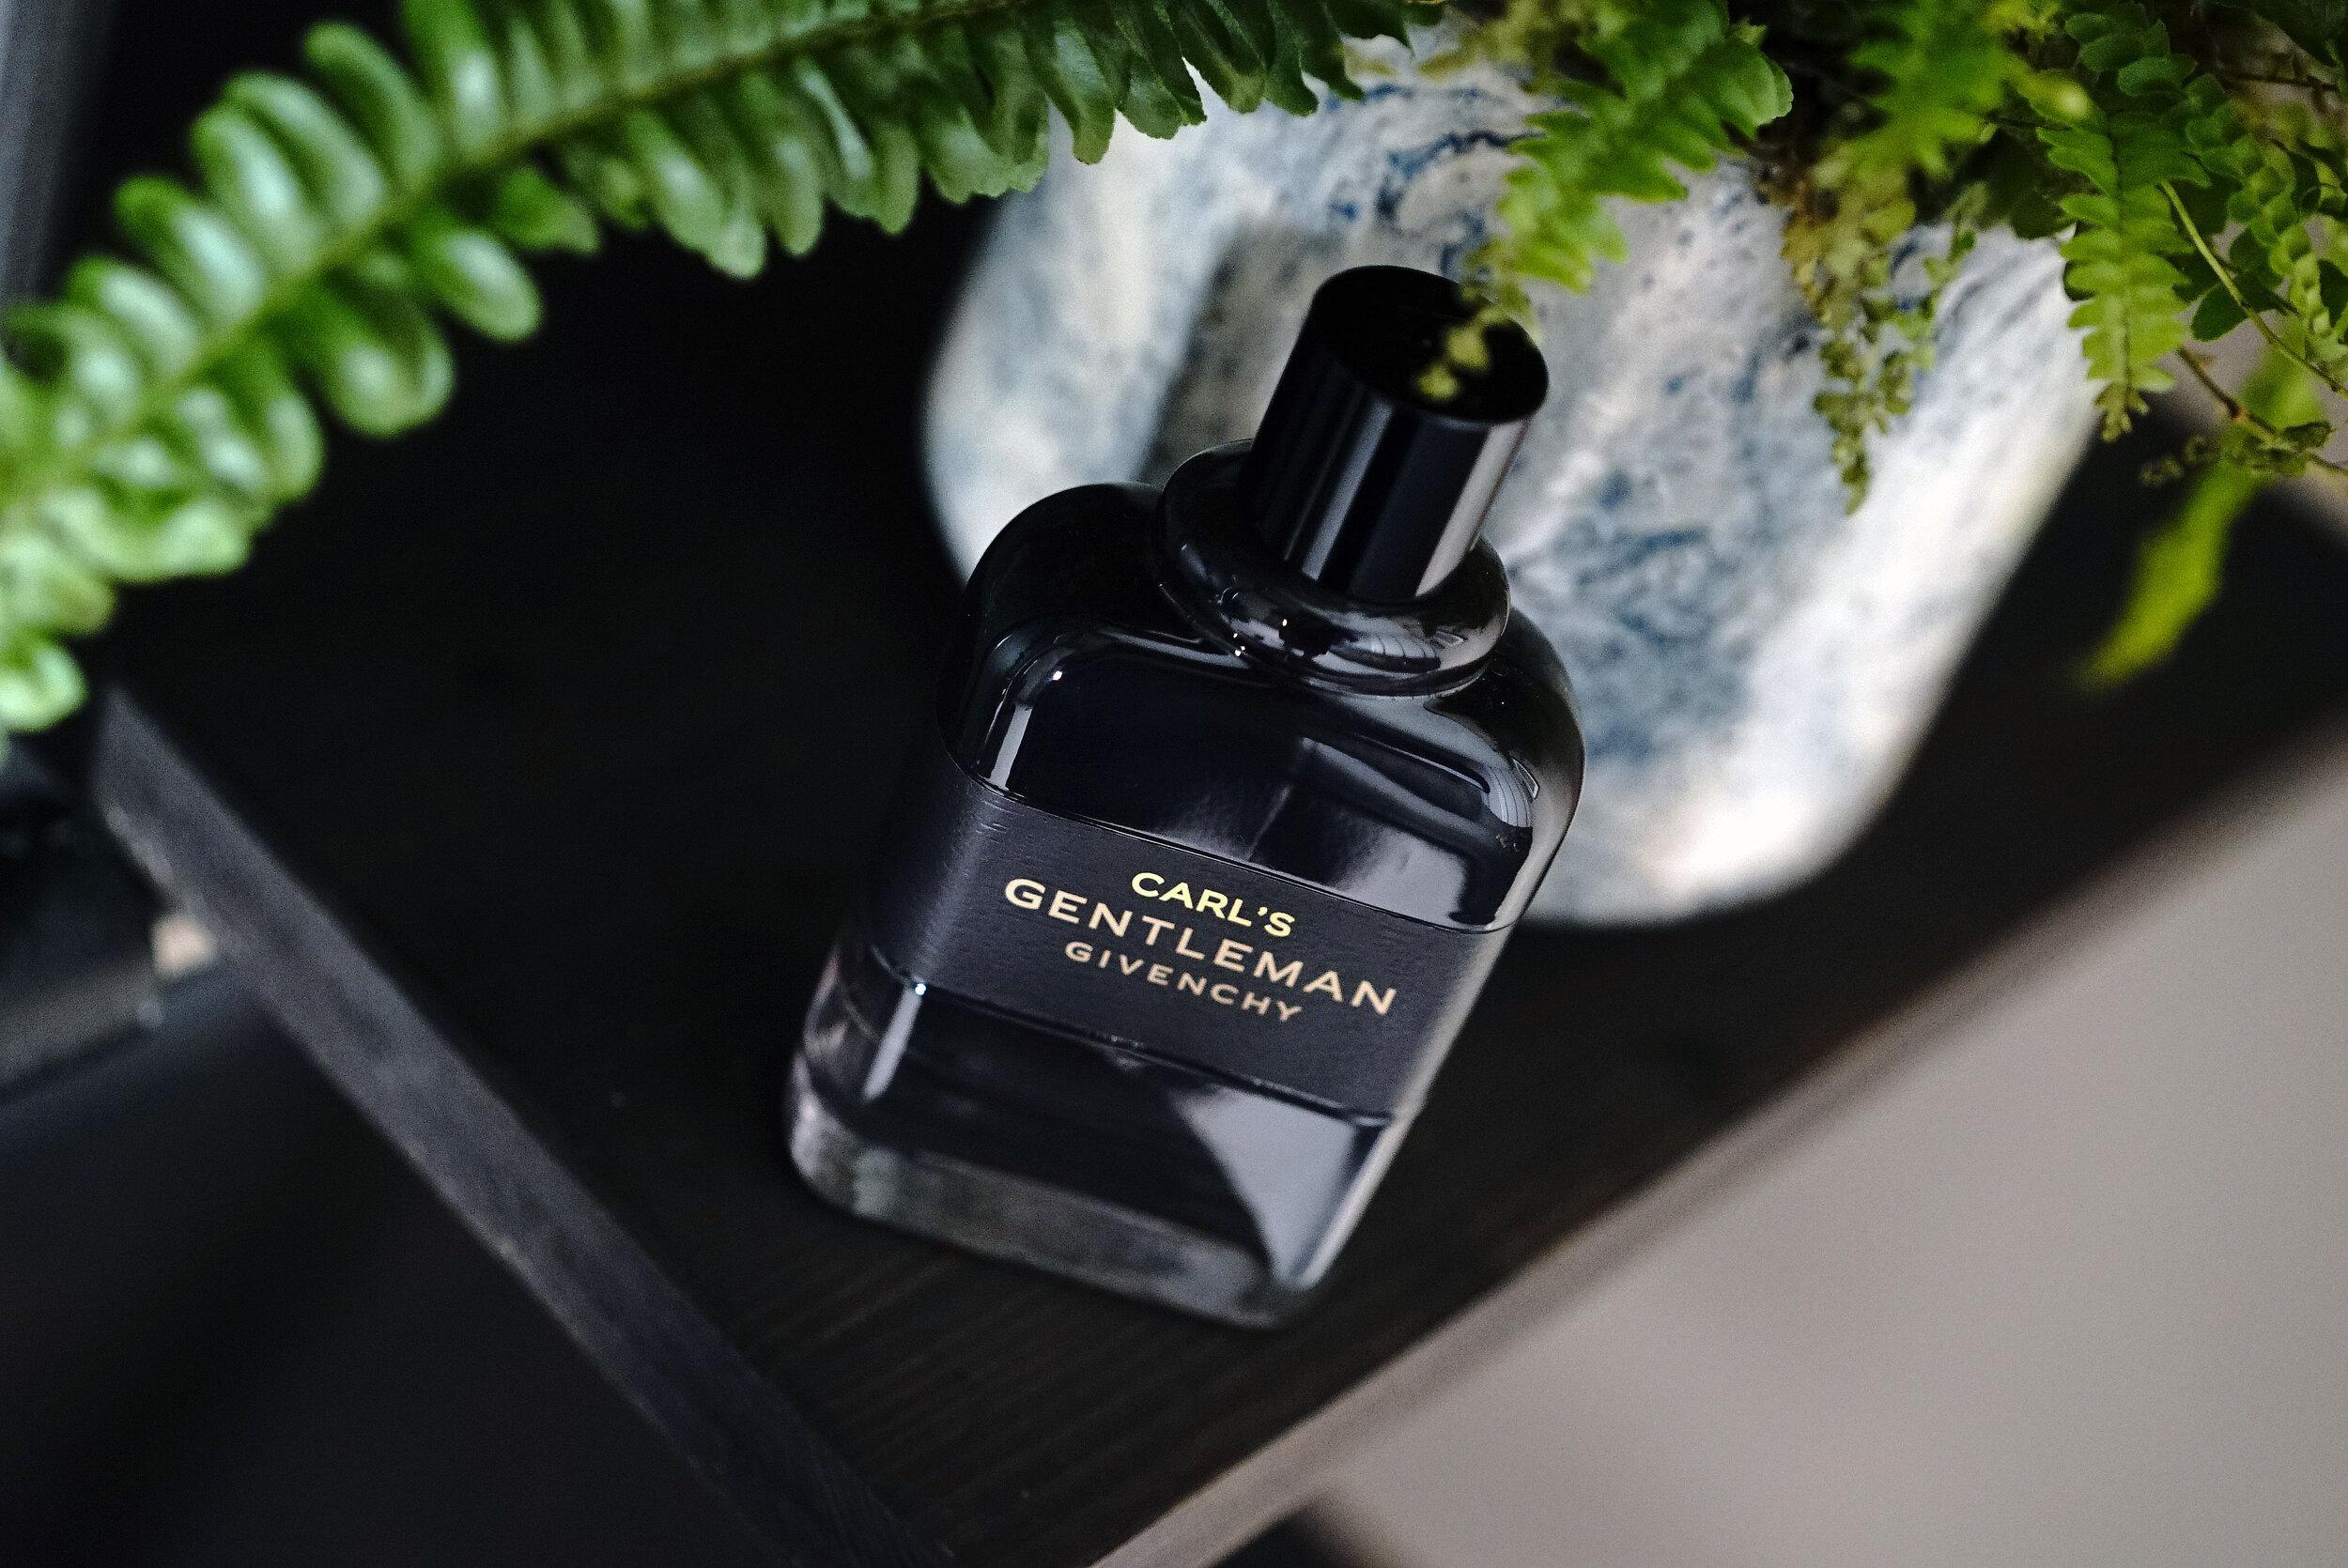 Gentleman Givenchy Eau de Parfum Boisée   Fragrance Review — MEN'S ...